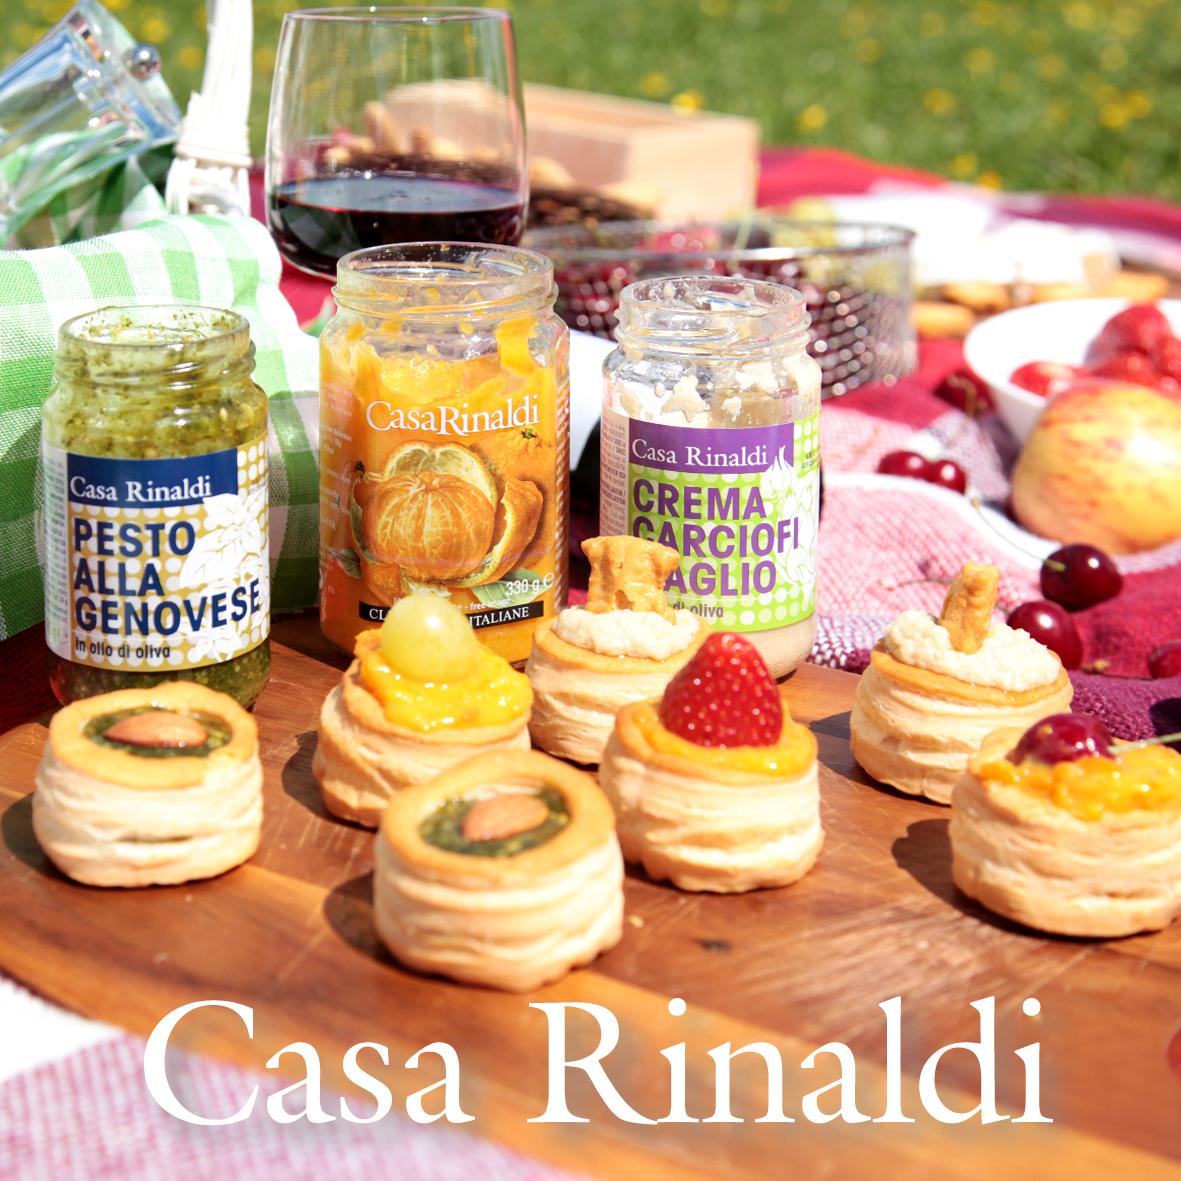 Крем-паста Casa Rinaldi из артишоков с чесноком в оливковом масле 180 г